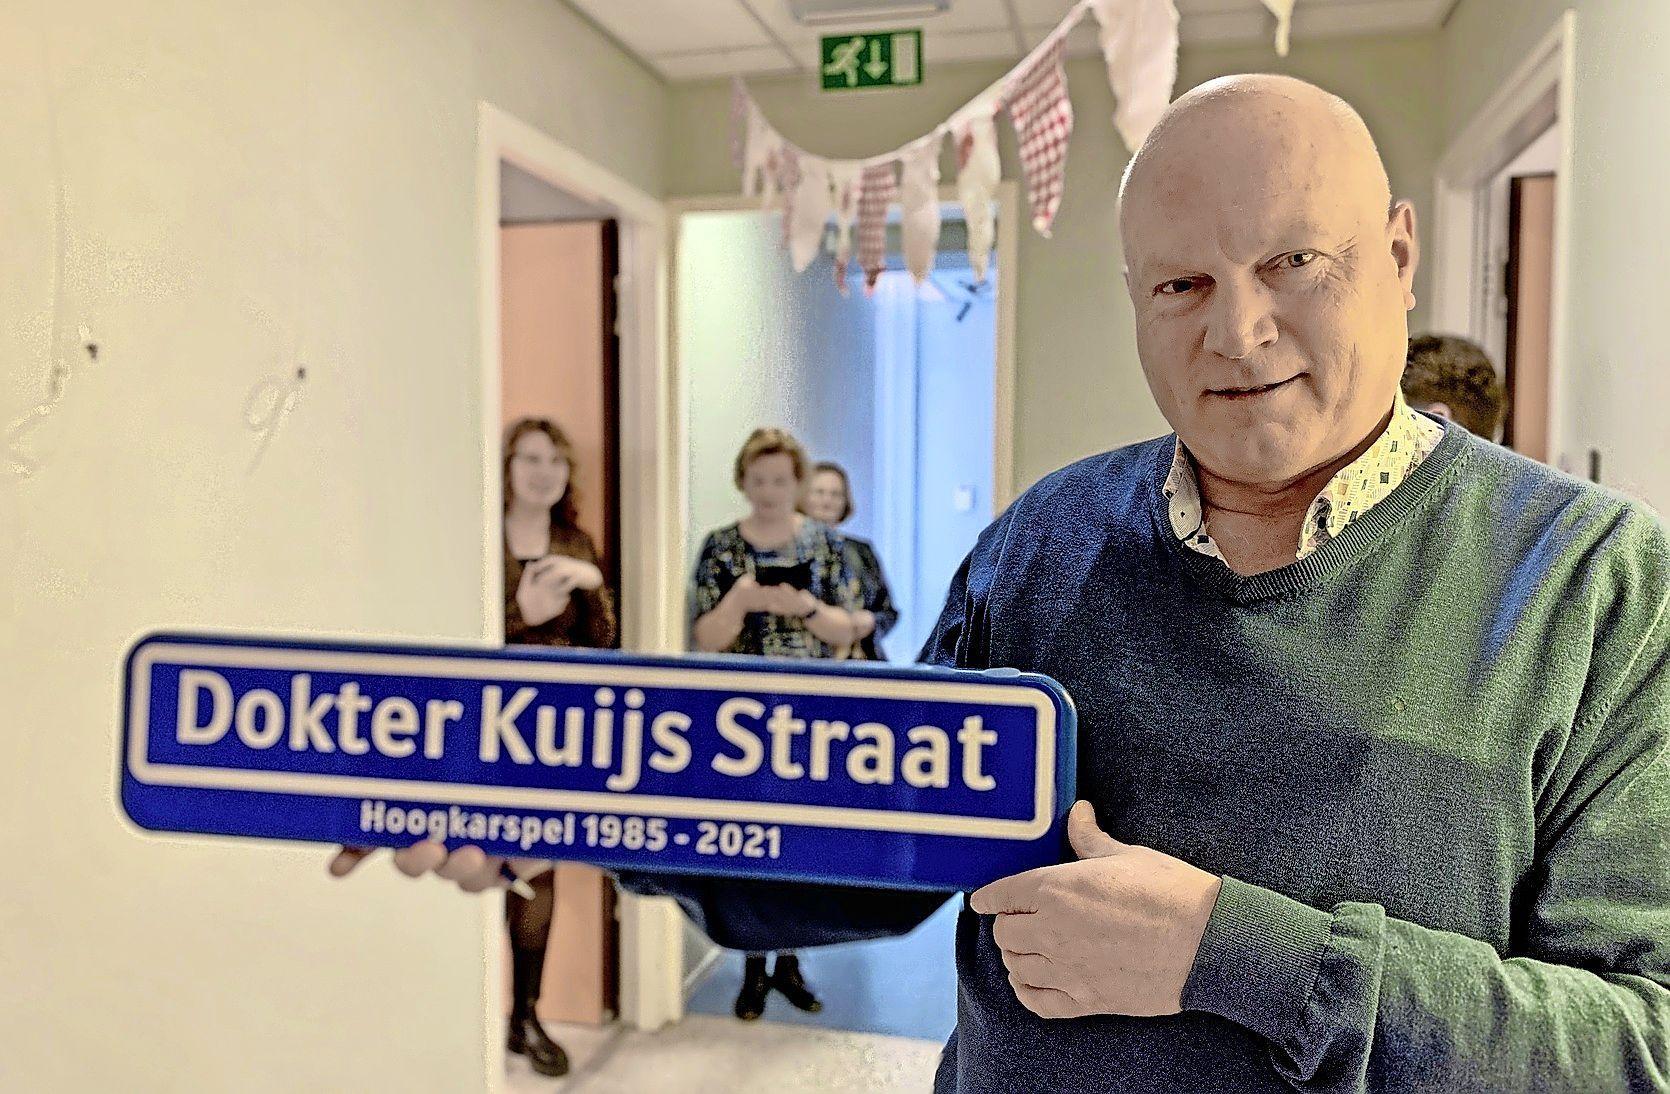 Huisarts Nico Kuijs in Hoogkarspel vertrekt: 'Ik had ook geen flauw idee dat ik 36 jaar later hier nog steeds zou werken'